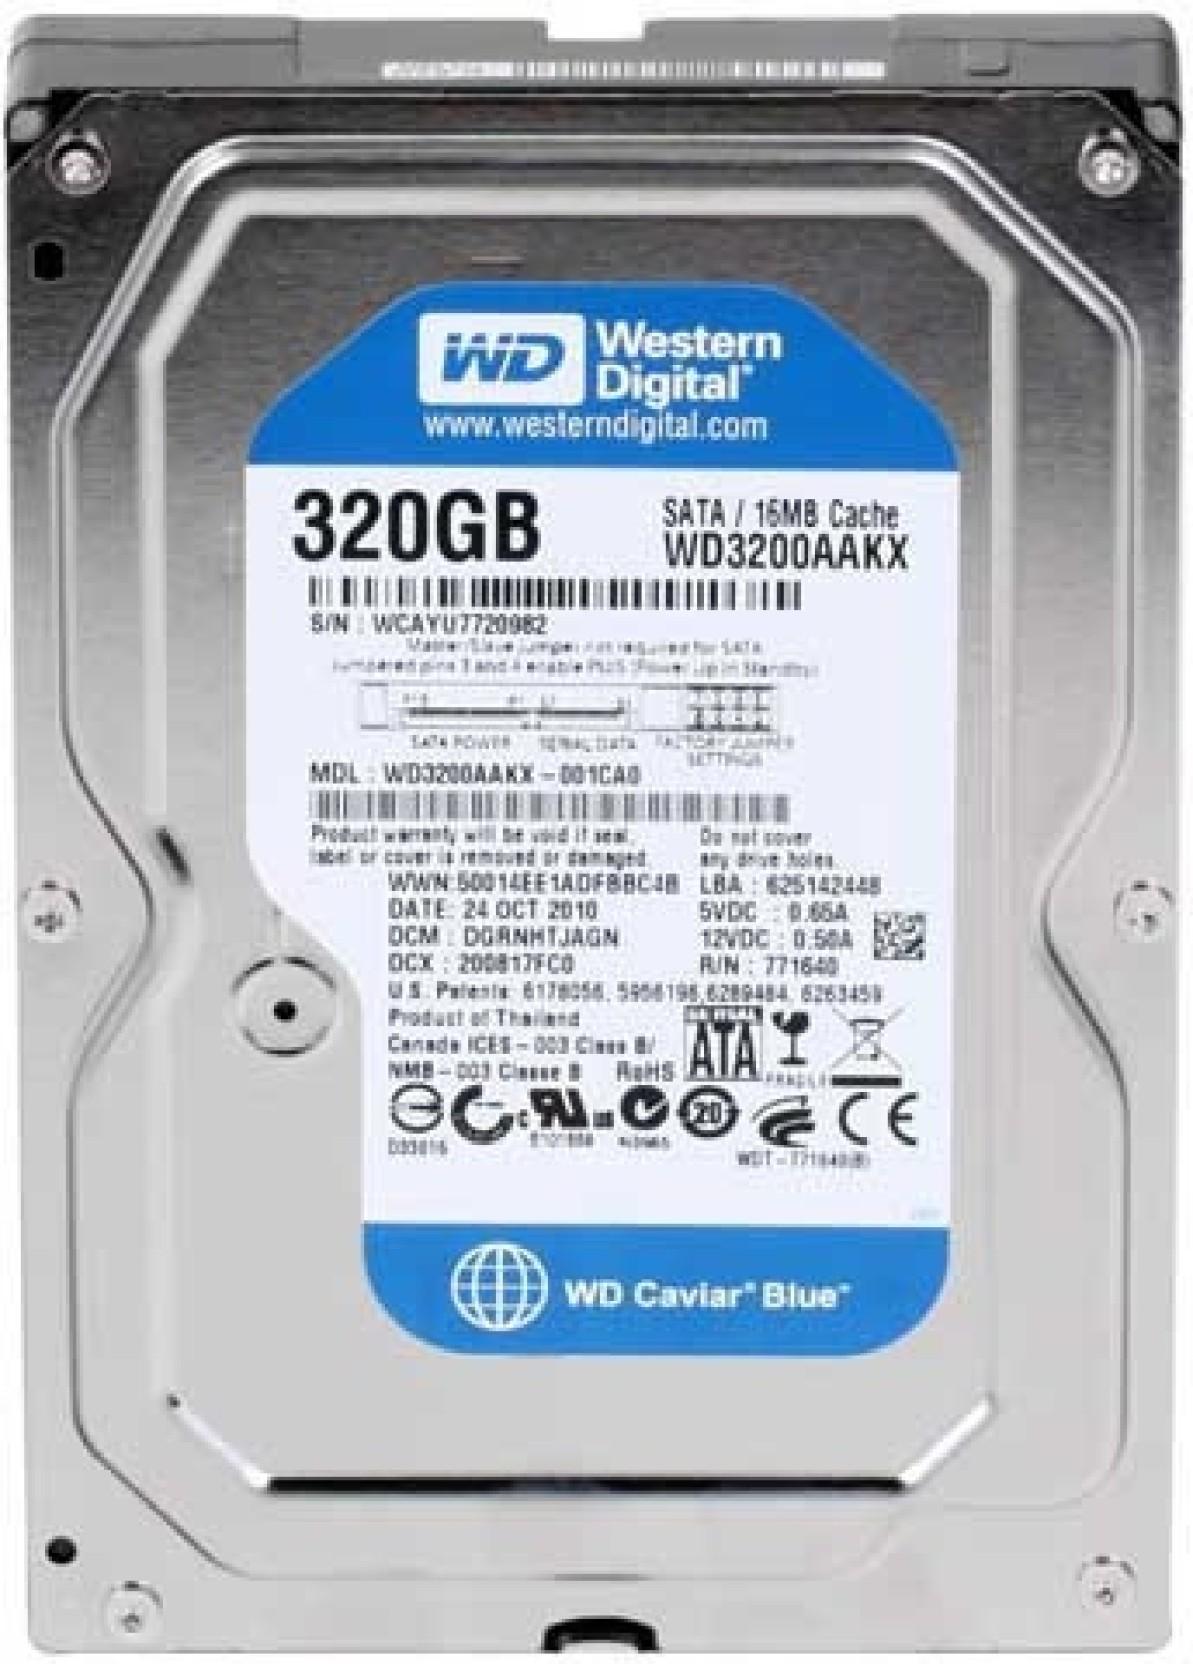 Wd Sata 320 Gb Desktop Internal Hard Disk Drive Wmav2f642882 Hardisk Pc 35 320gb Add To Cart